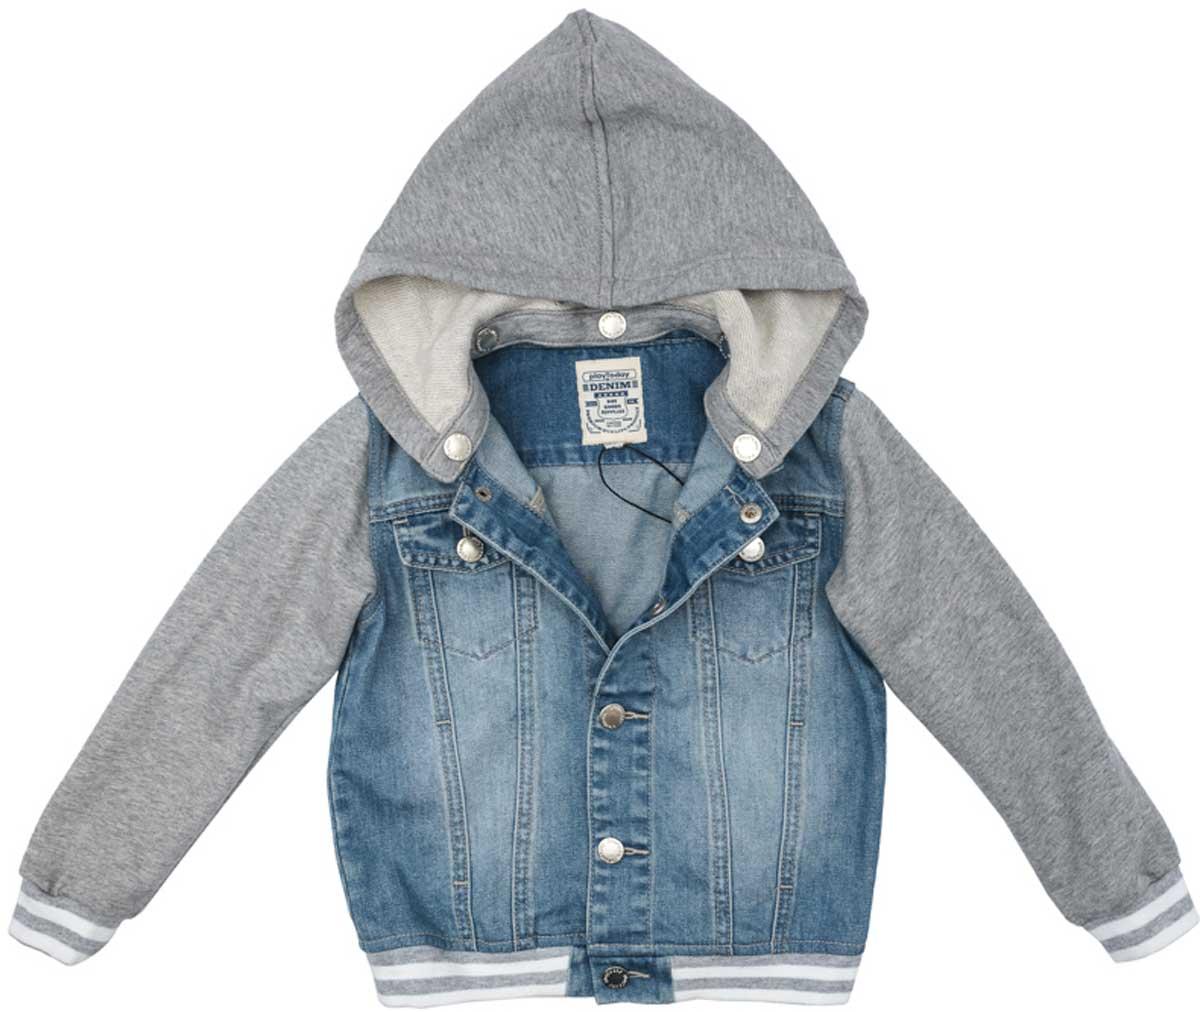 Куртка171155Эта эффектная модная куртка обязательно понравится Вашему ребенку! Модель выполнена из 2-х видов ткани - натуральной джинсовой и трикотажа (капюшон и рукава). При необходимости капюшон можно отстегнуть - он крепится на застежках-кнопках. Мягкие резинки на манжетах и по низу изделия. Джинсовая ткань с эффектом потертости.Преимущества:Рукава и капюшон из мягкого трикотажаКапюшон на застежках-кнопках. Легко отстегиваетсяМягкие резинки на манжетах и по низу изделия